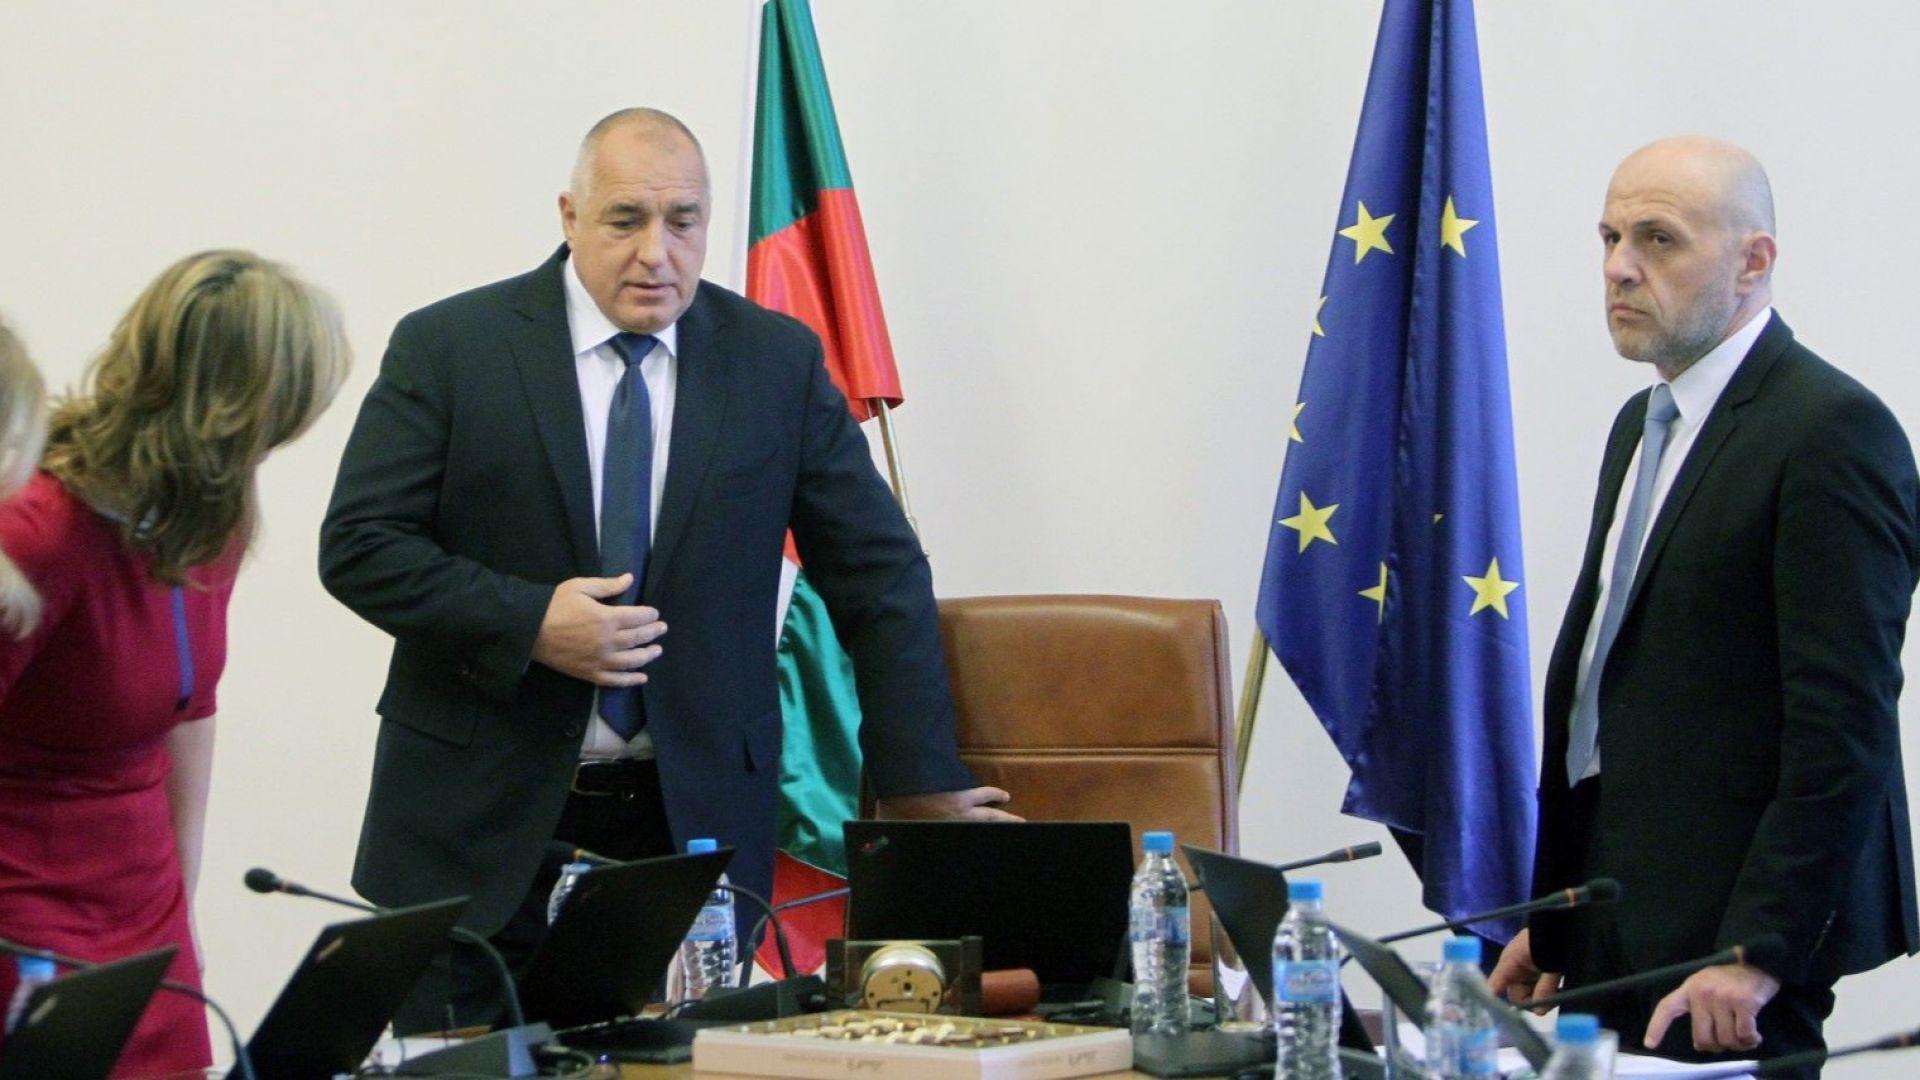 Кабинетът одобри трите кандидатури за европейски прокурор от България